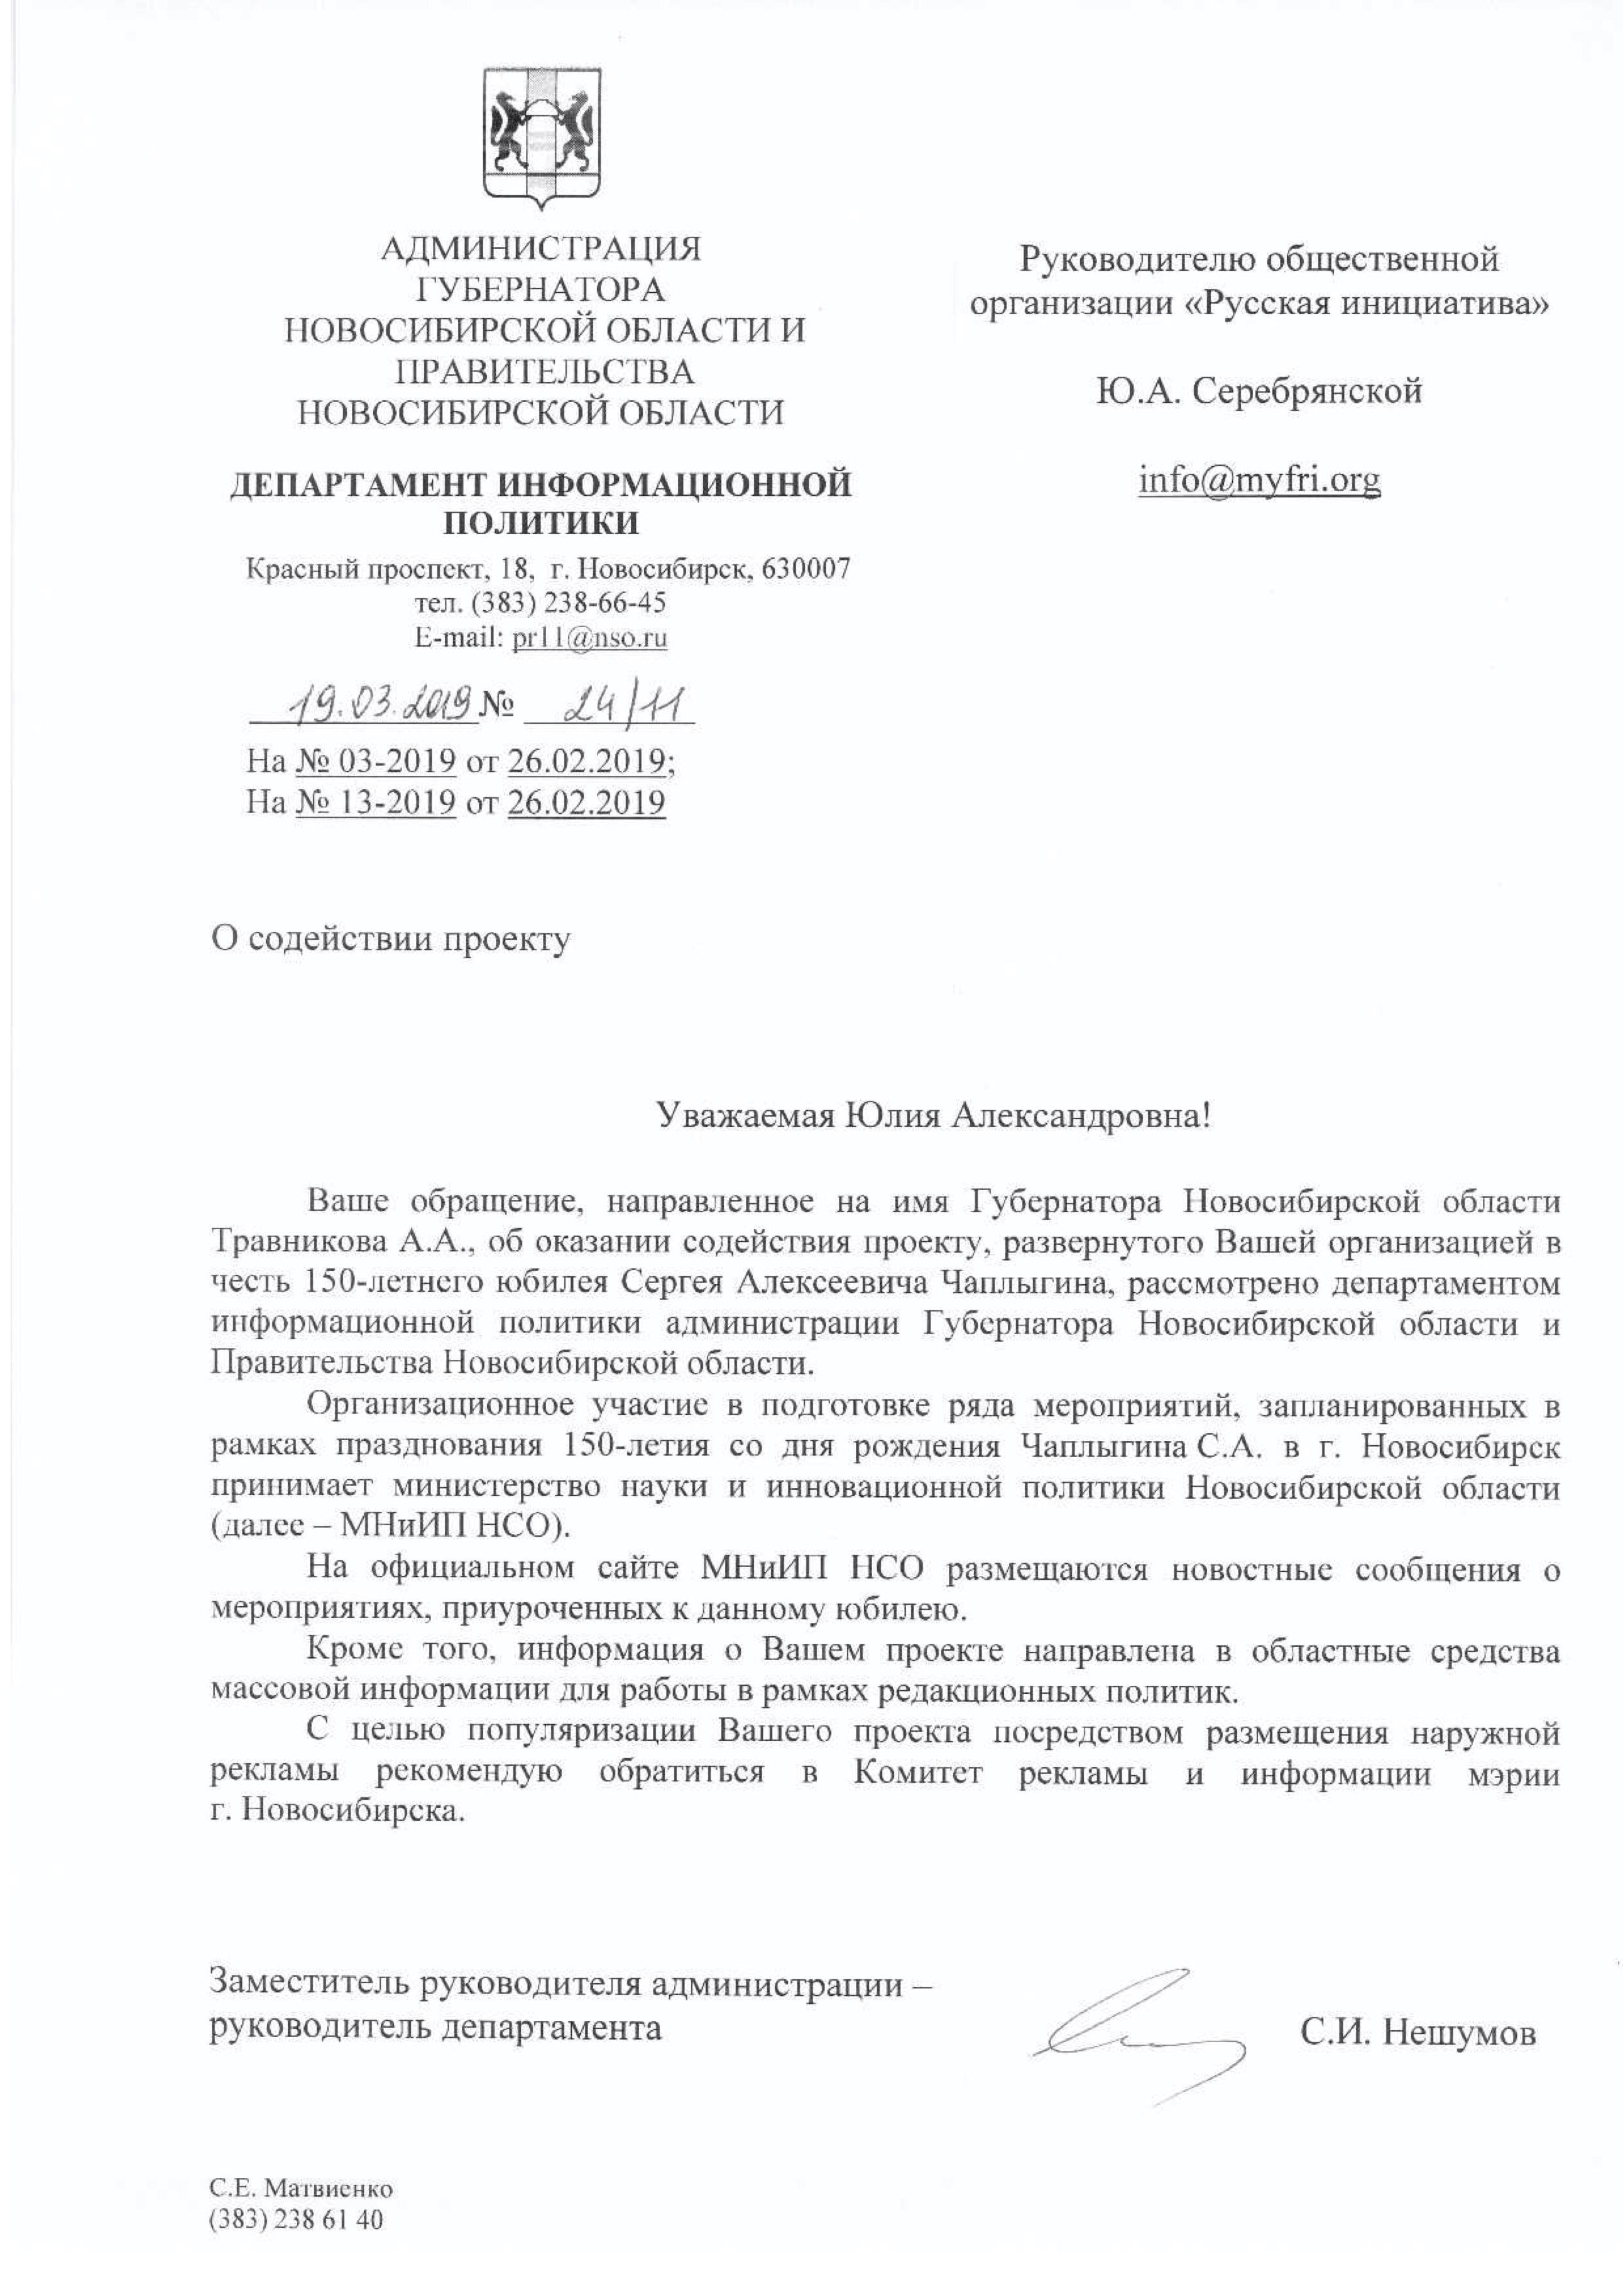 Администрация Губернатора Новосбирской области